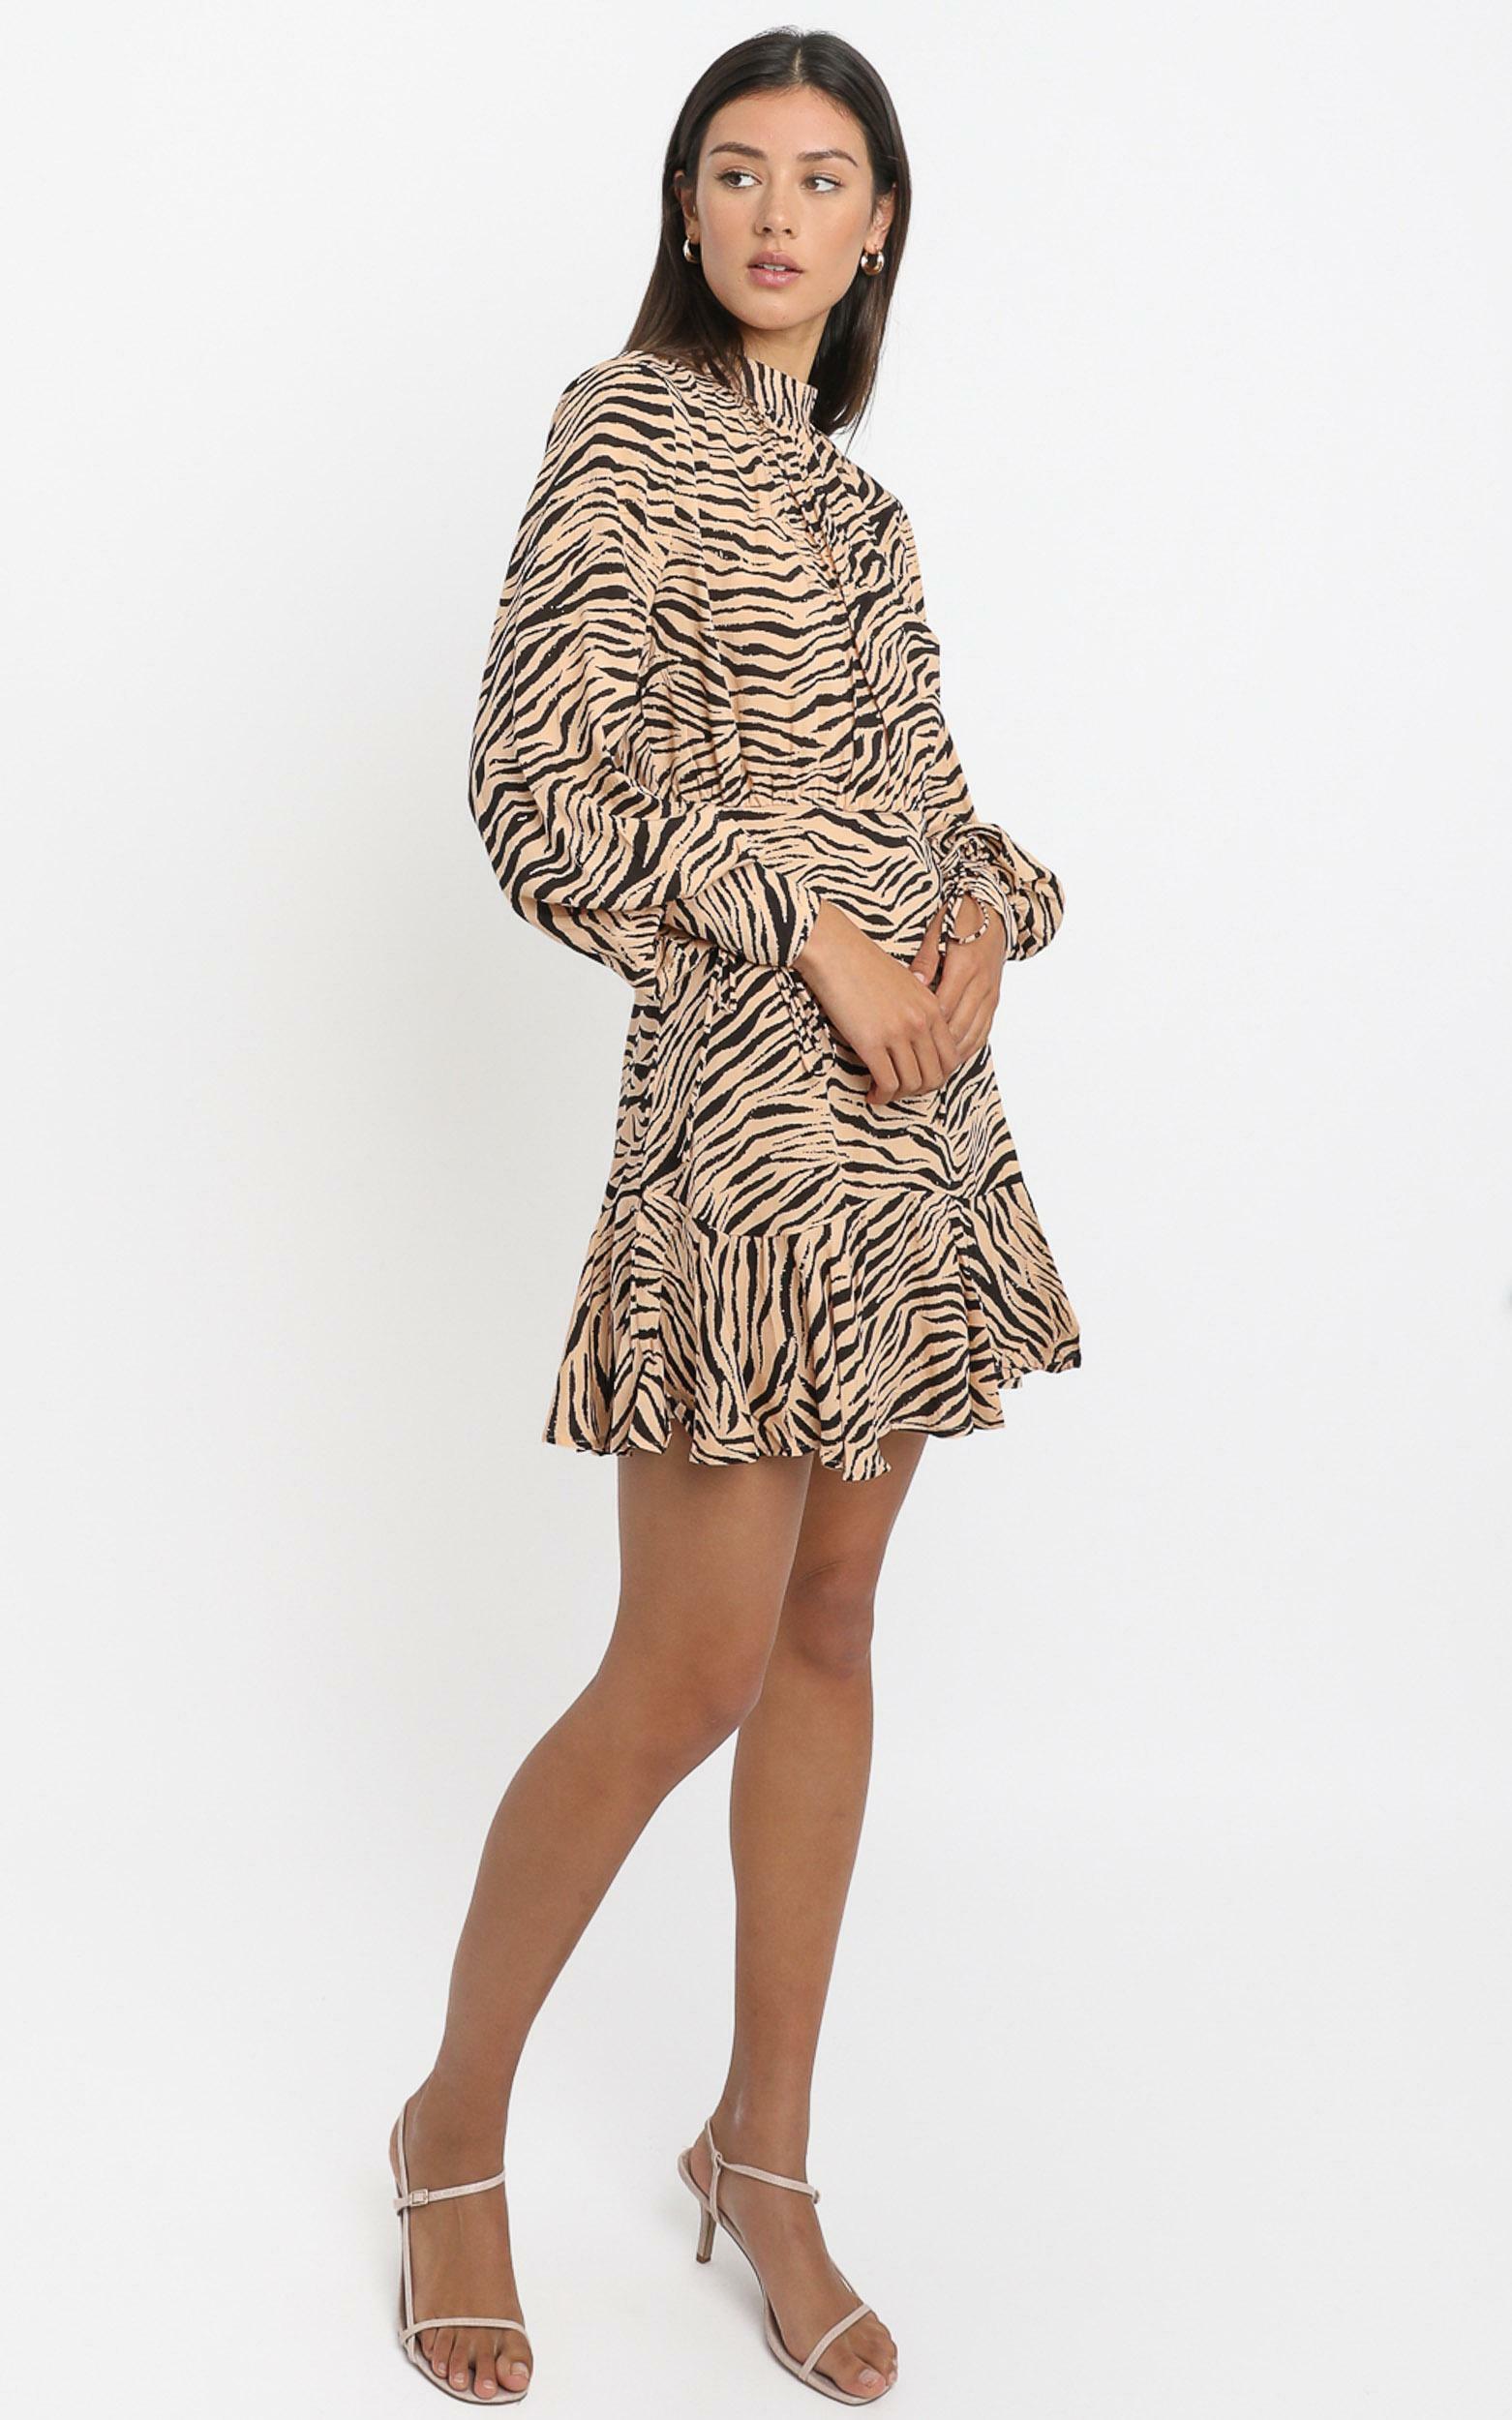 Elias Dress in Tan Zebra - 6 (XS), Tan, hi-res image number null